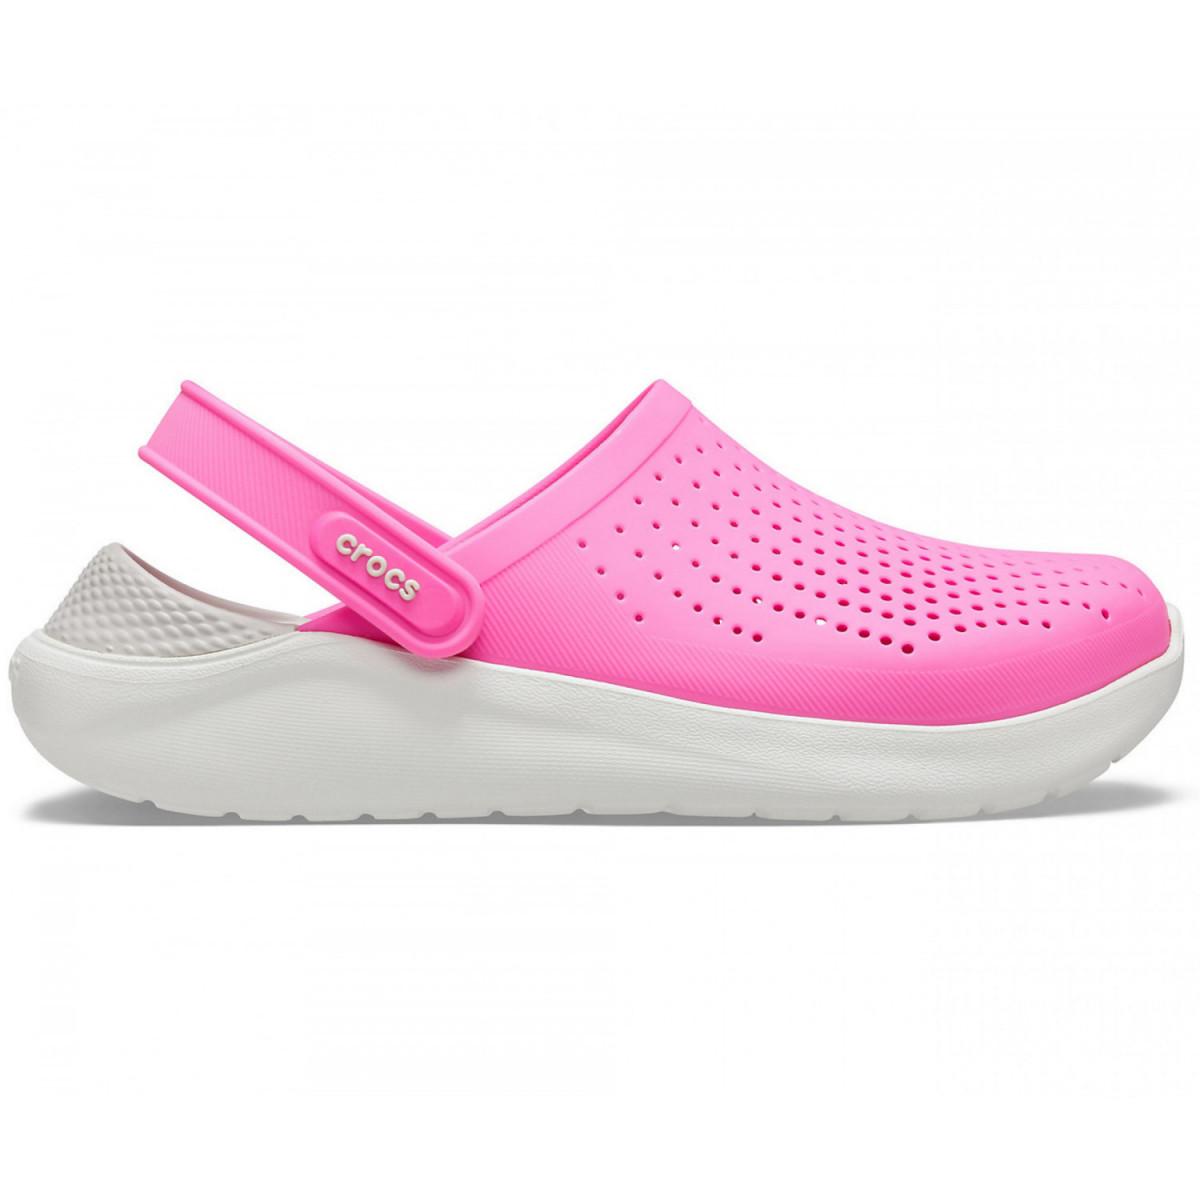 Крокси сабо Жіночі Lite Ride Clog Electric Pink/ M5-W7 37-38 22,9 см Рожевий